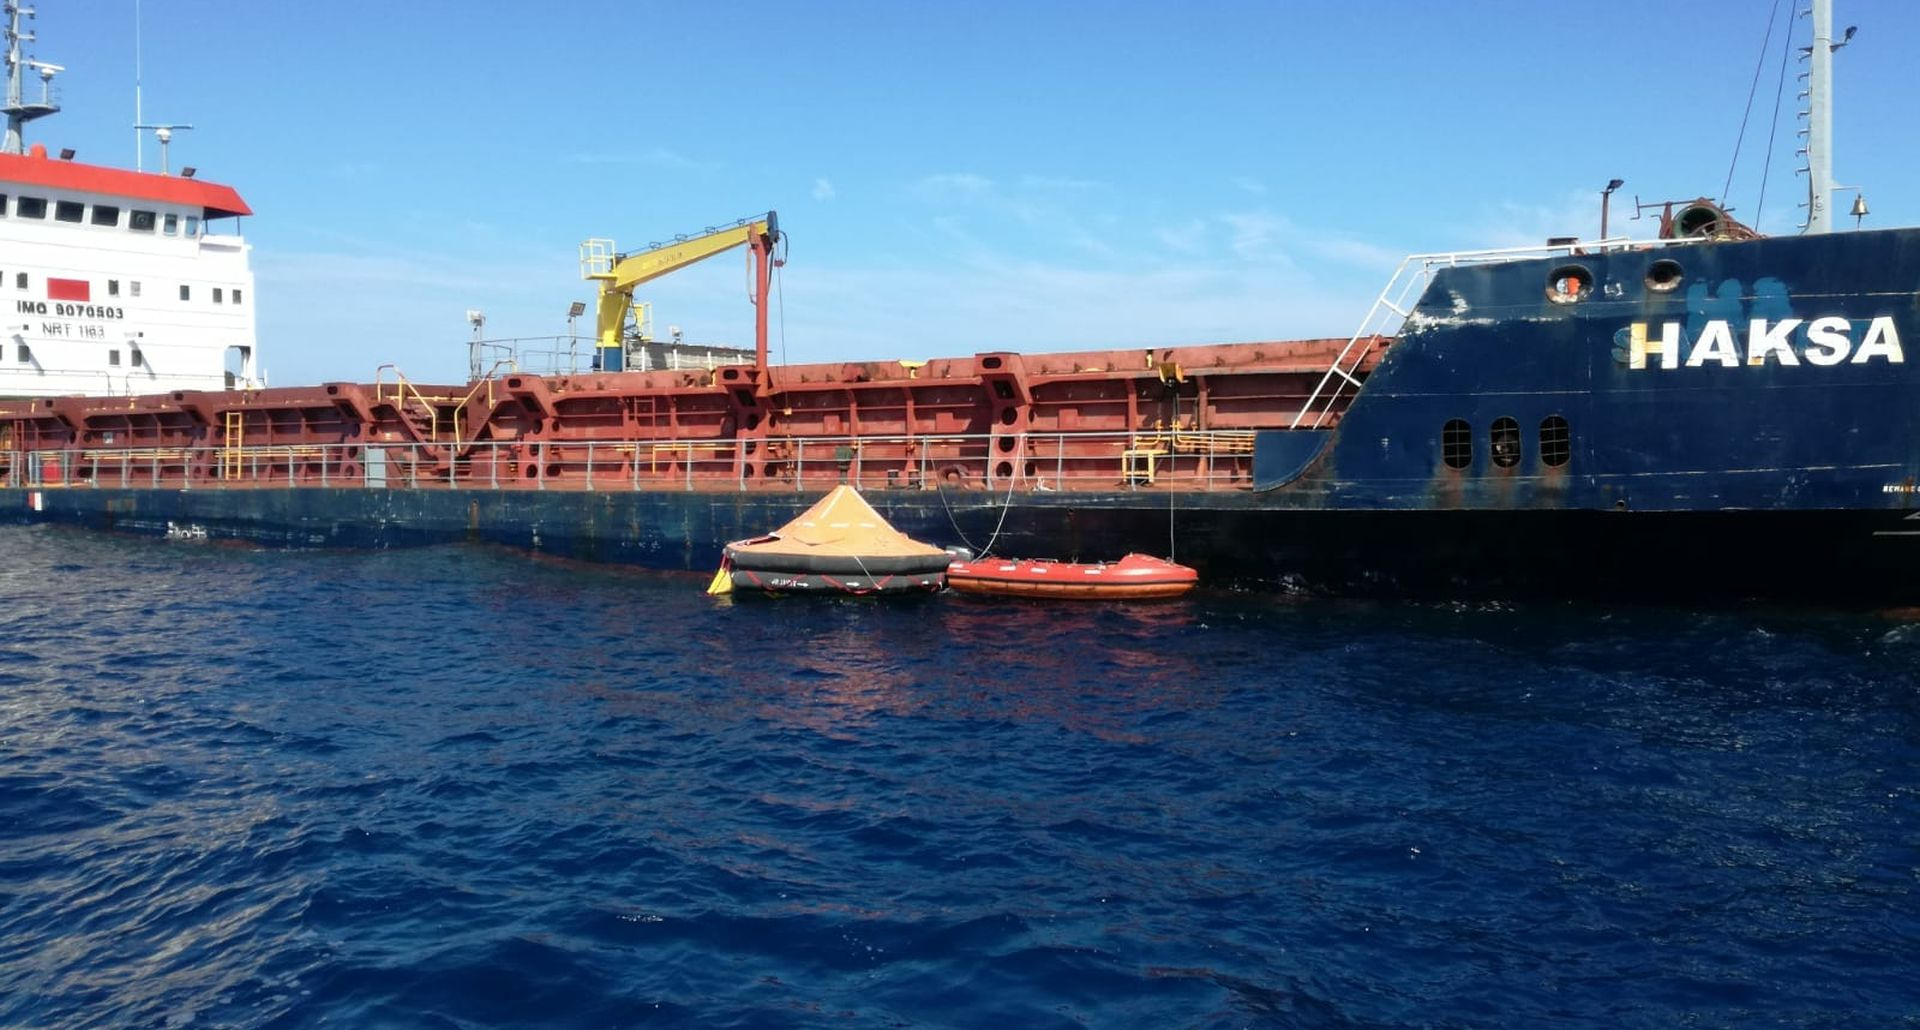 Nastavljeno tegljenje turskog broda Haksa prema Trogiru